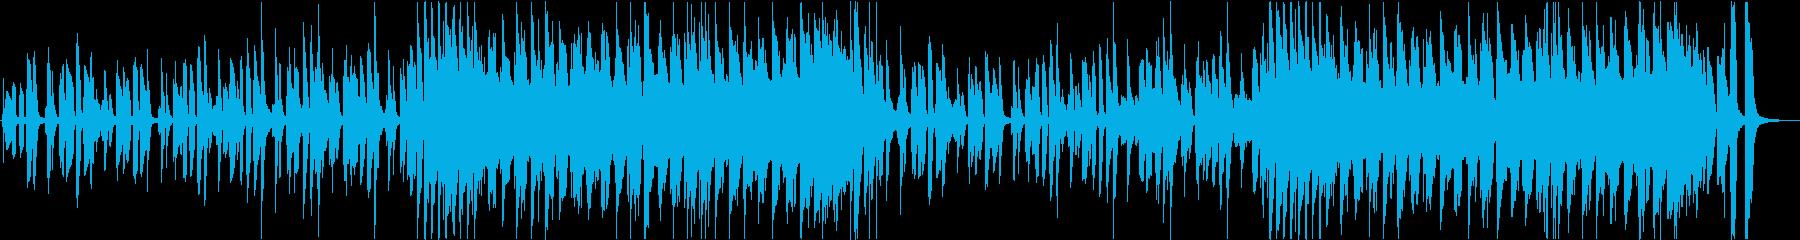 動画】コミカル情けないハーモニカBGMの再生済みの波形